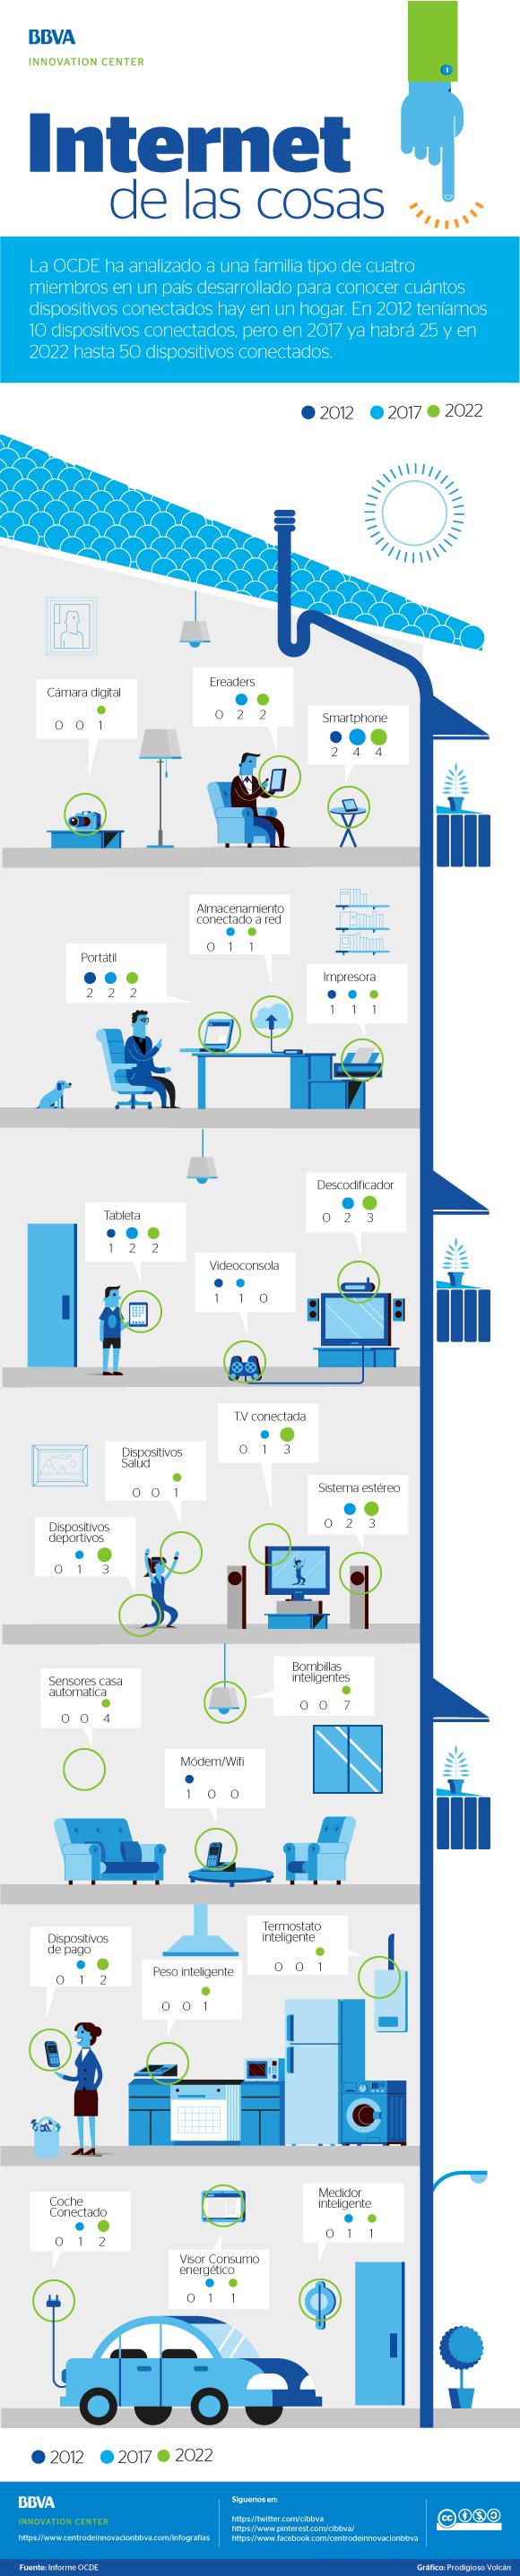 Internet de las cosas: un hogar conectado